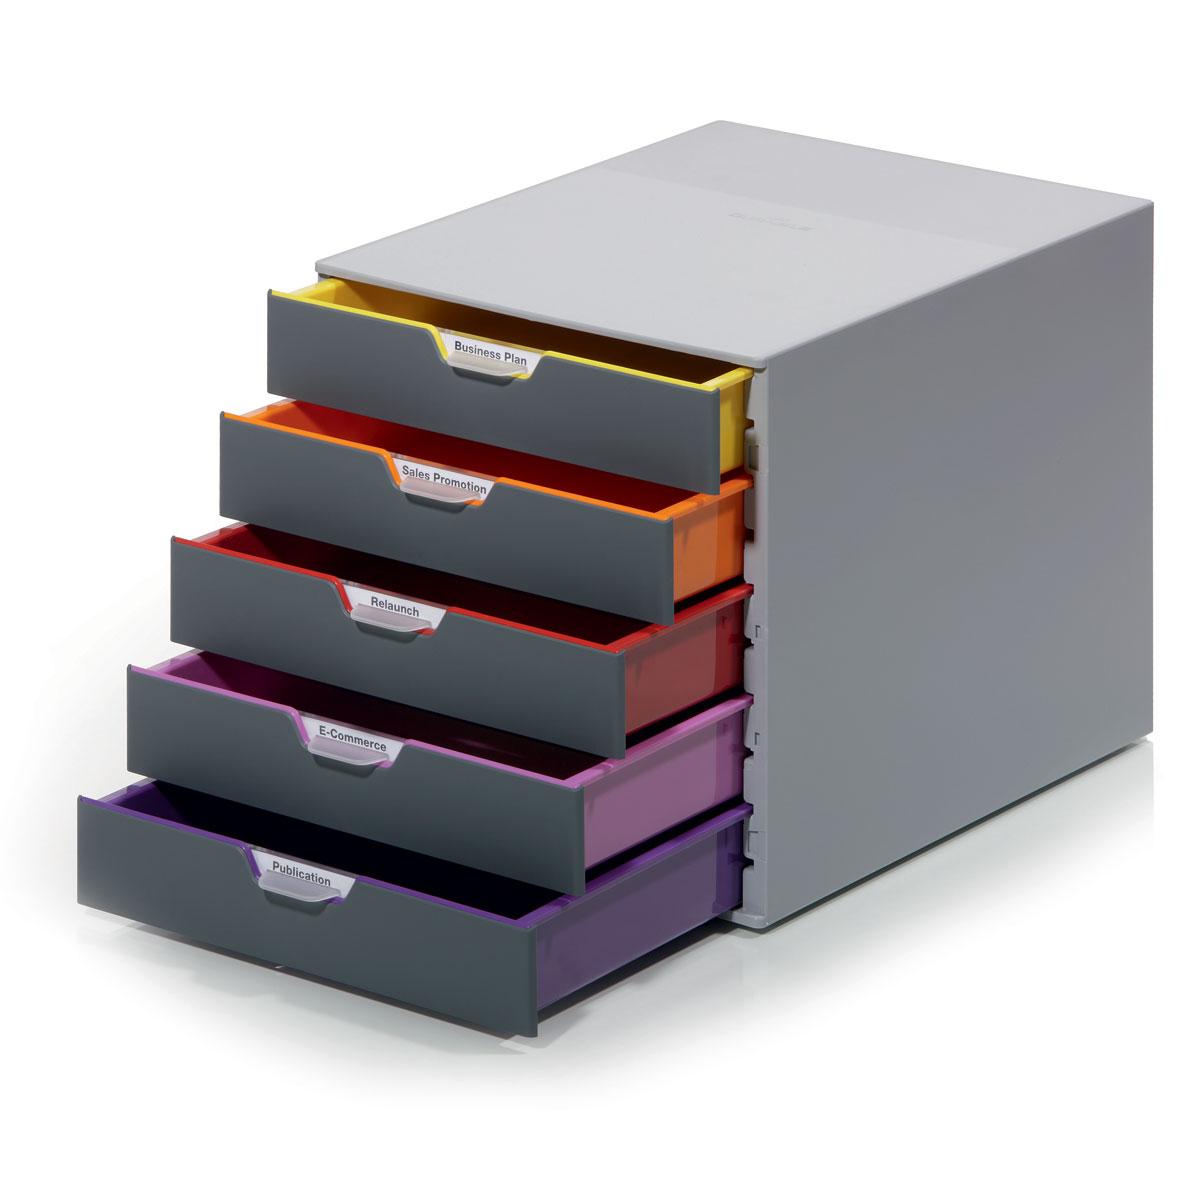 Короб для документов Durable Varicolor. 7605-277605-27Выполнен из высококачественного пластика. Выдвижные ящики закрытого типа, оснащены стопорами и табуляторами для маркировки. Боксы можно устанавливать друг на друга, фиксируются при помощи резиновых ножек. 5 ящиков. Размер 292x280x356 мм